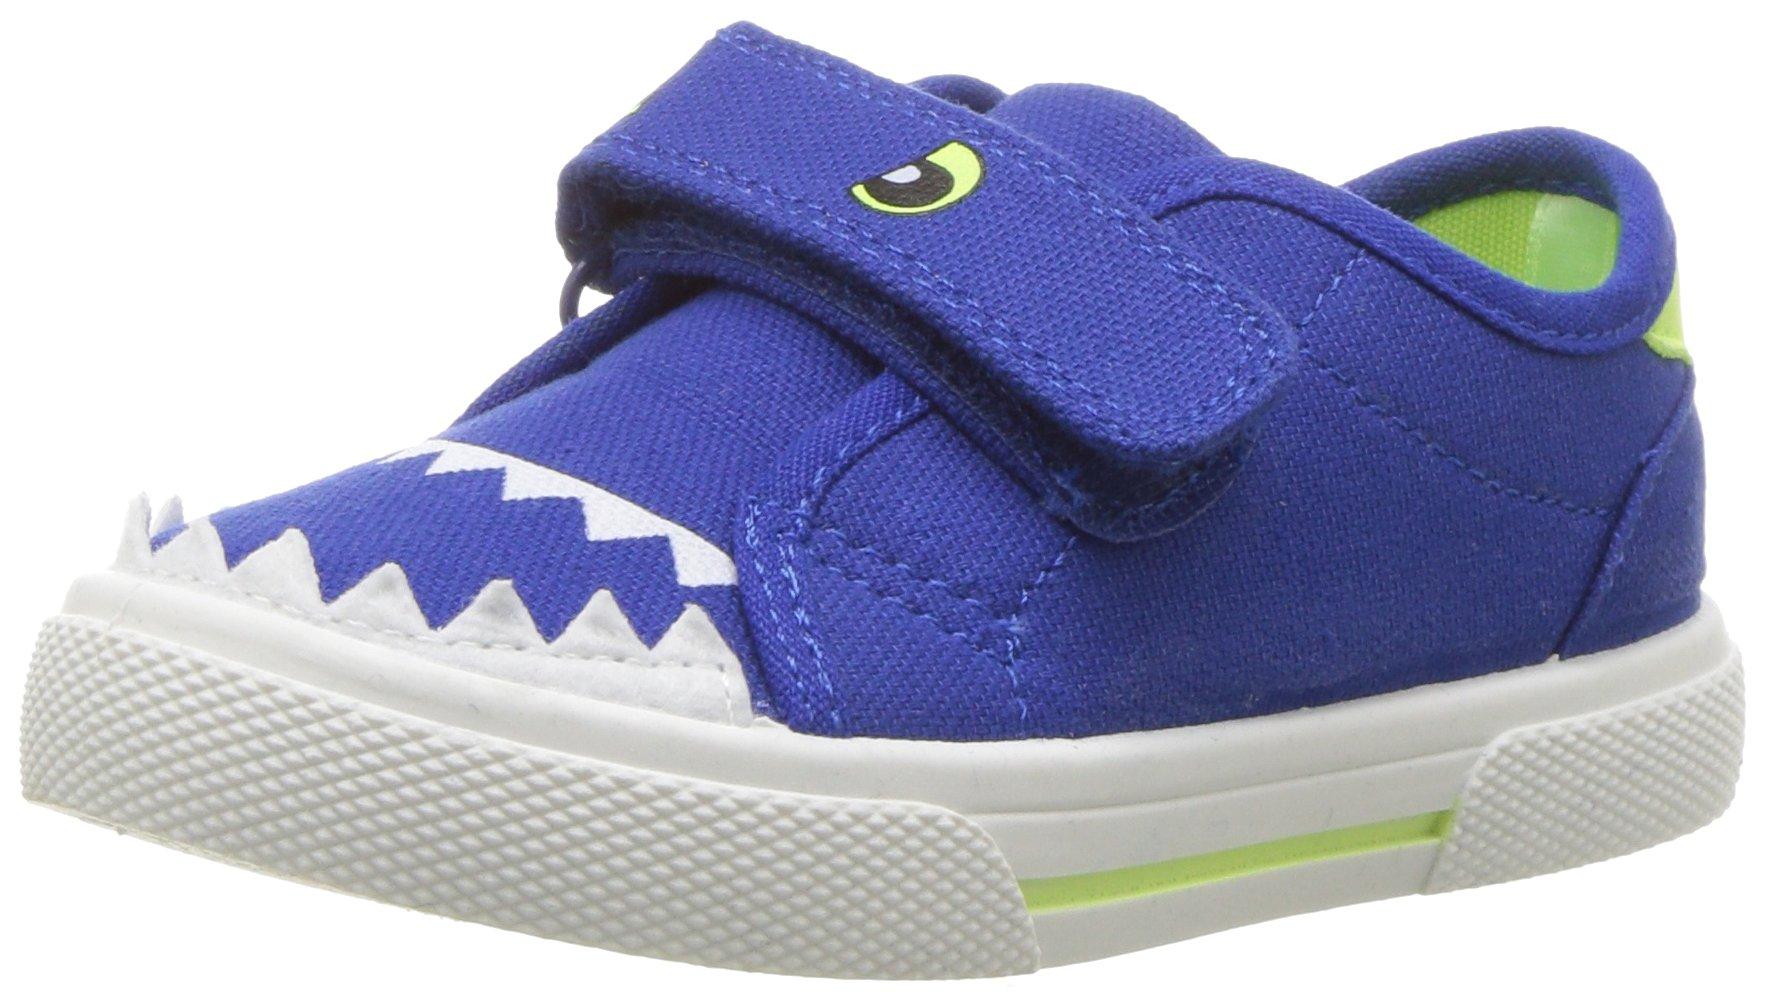 Carter's Unisex-Kids Arya Boy's and Girl's Novelty Slip-on Sneaker, Navy 410, 11 M US Little Kid